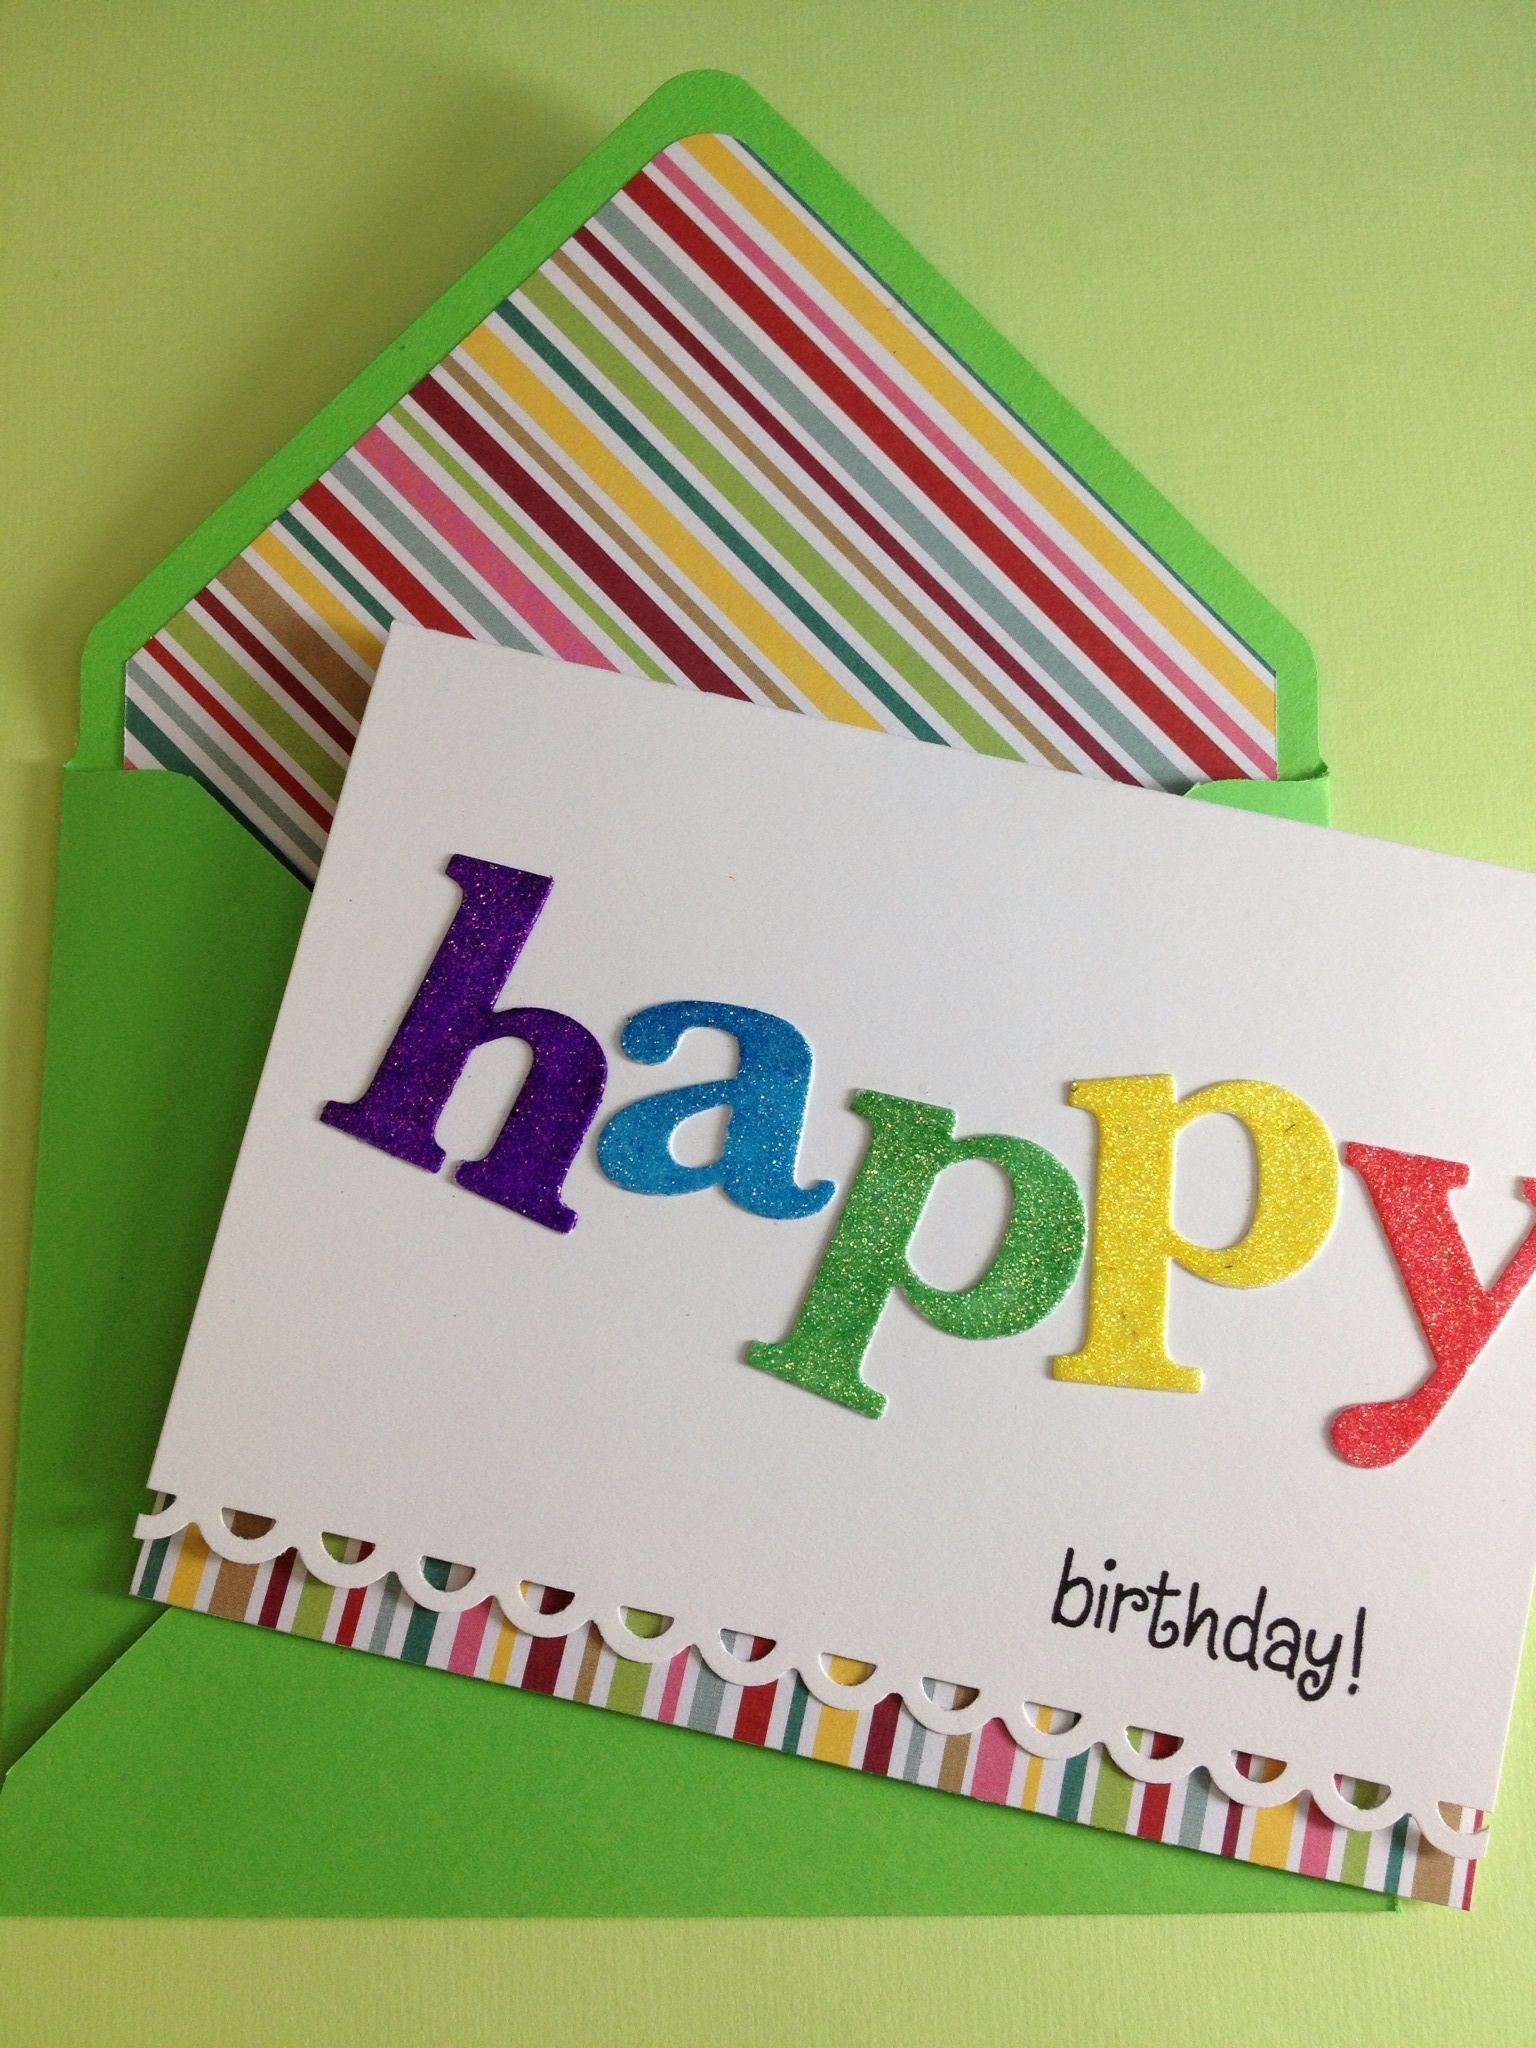 My cards cards card ideas and birthdays